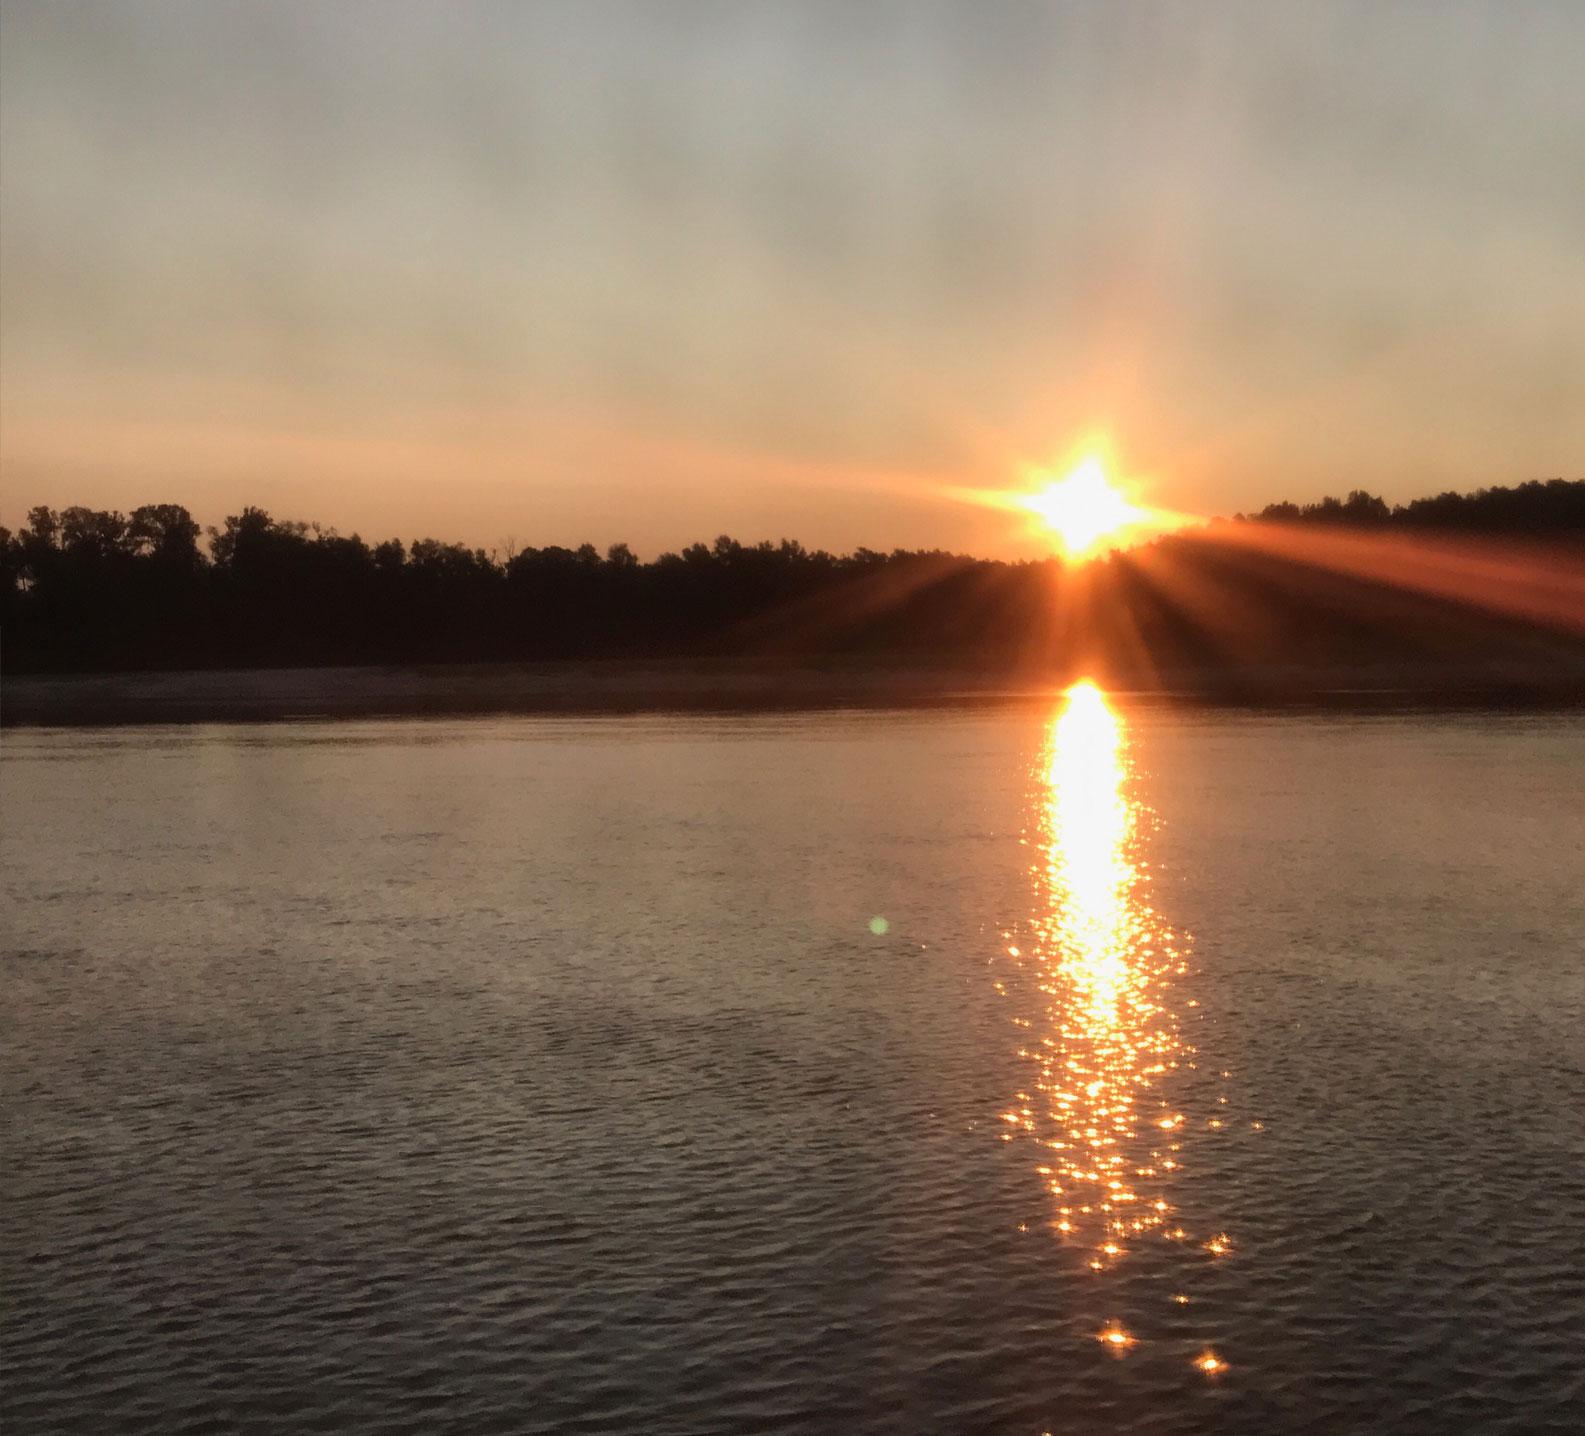 Morning sunrise on day 15